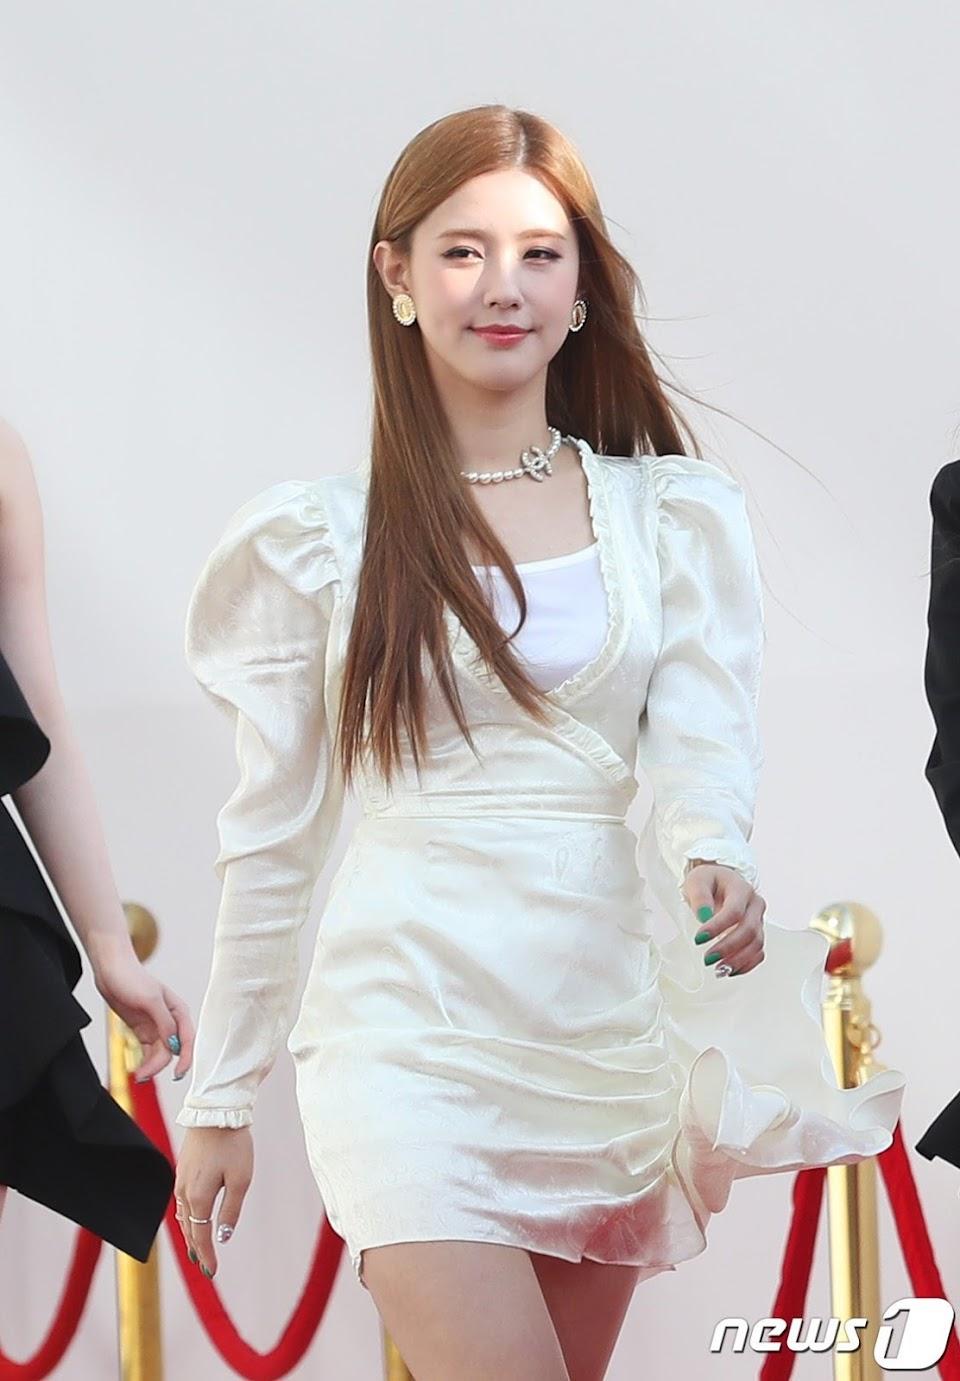 miyeon white 44